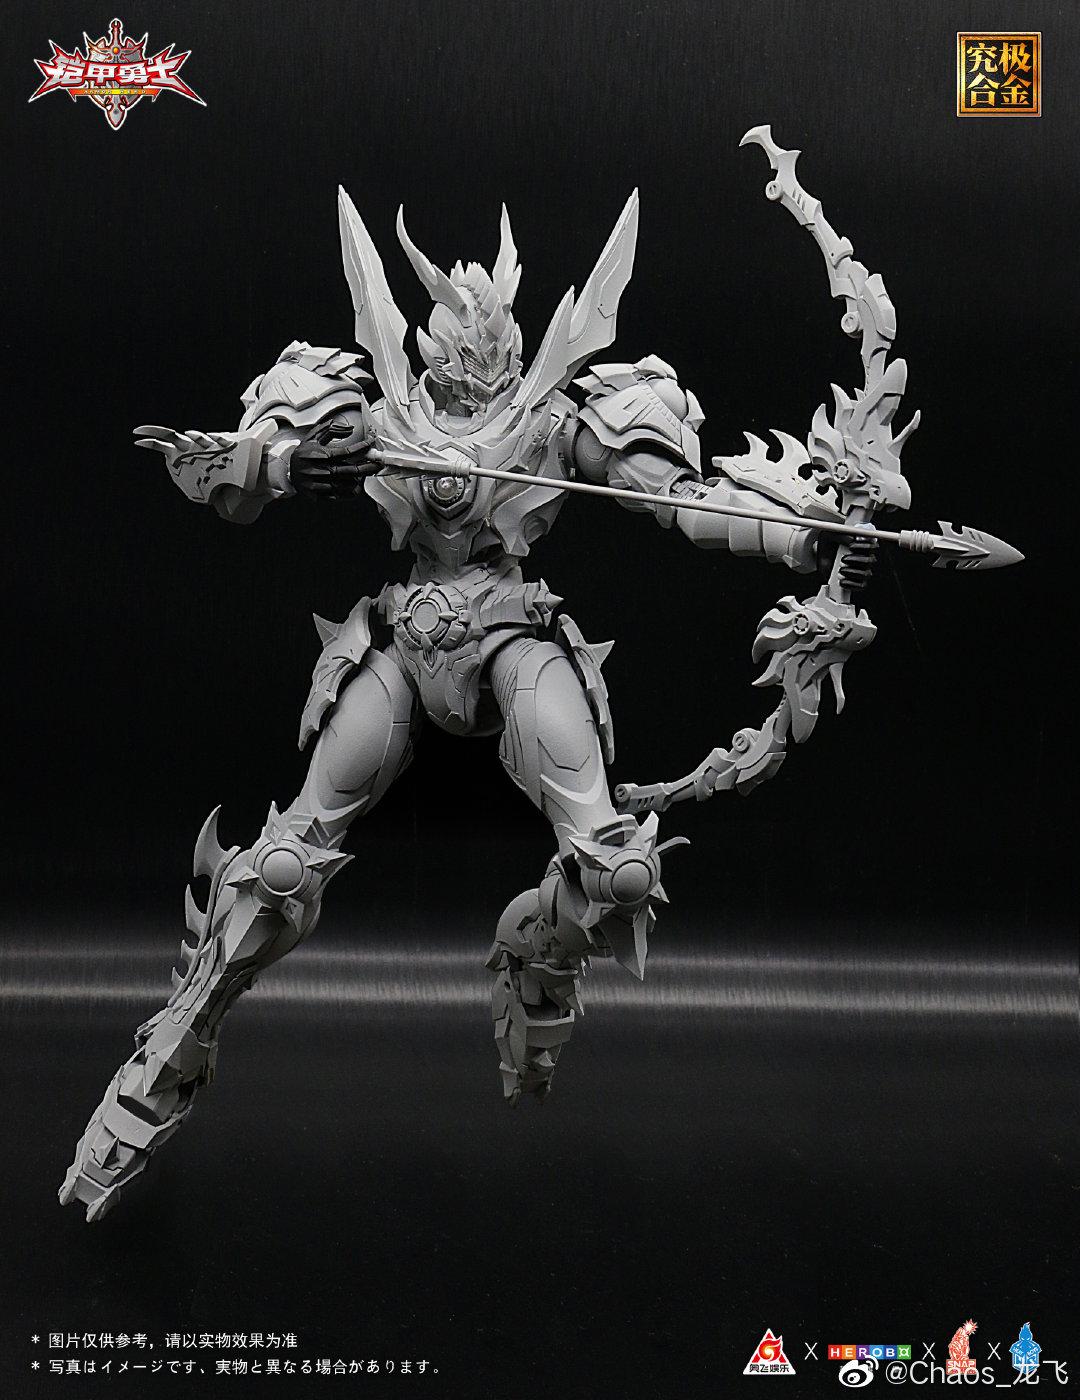 S536_snap_Armor_hero_Emperor_enryu_004.jpg